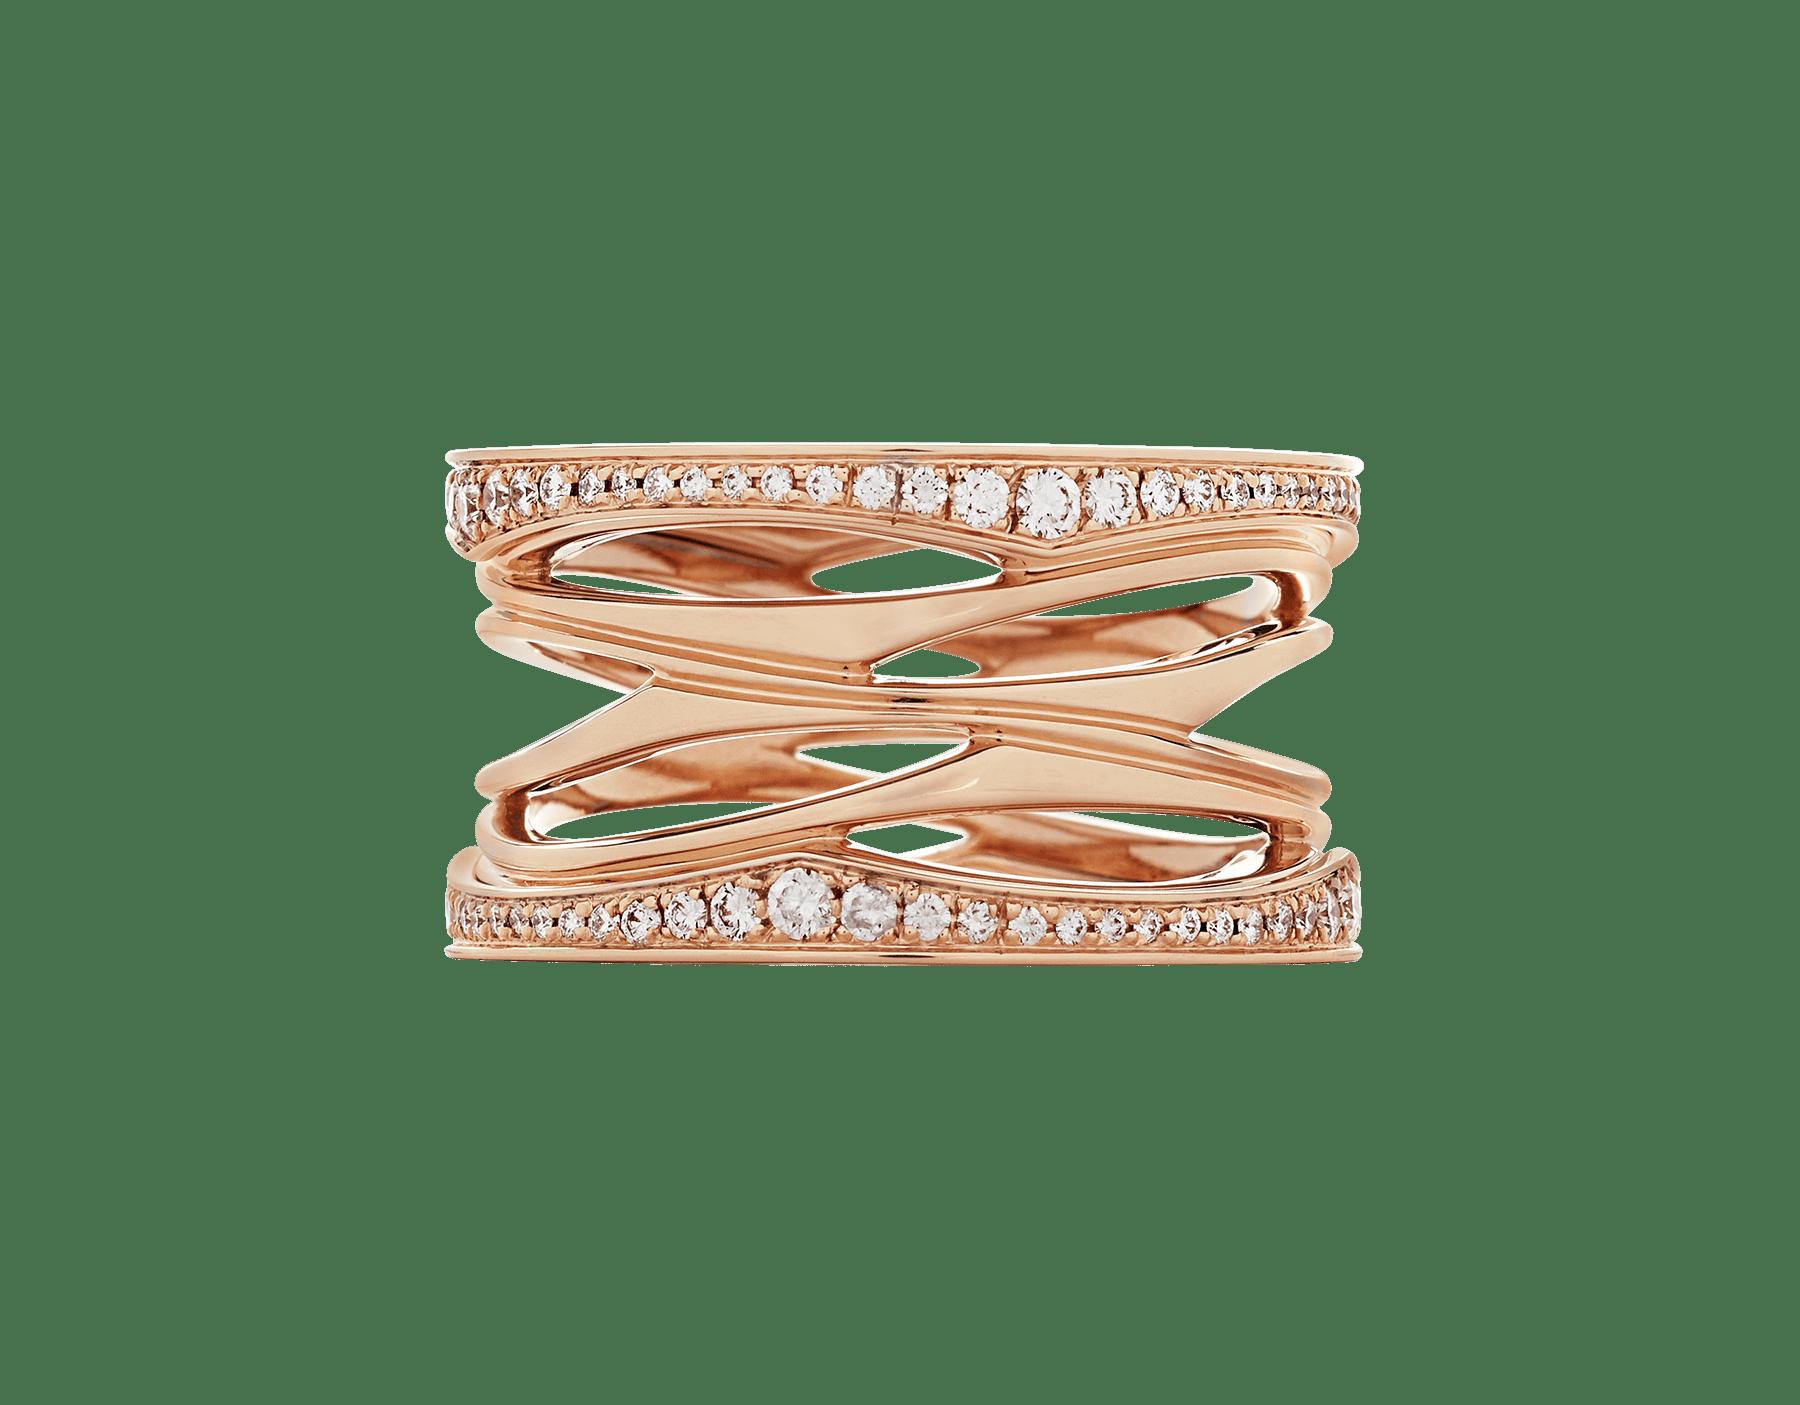 Anel B.zero1 Legend de 4 aros em ouro rosa 18K cravejado com pavê de diamantes (0,61ct) nas bordas. B-zero1-4-bands-AN858125 image 3